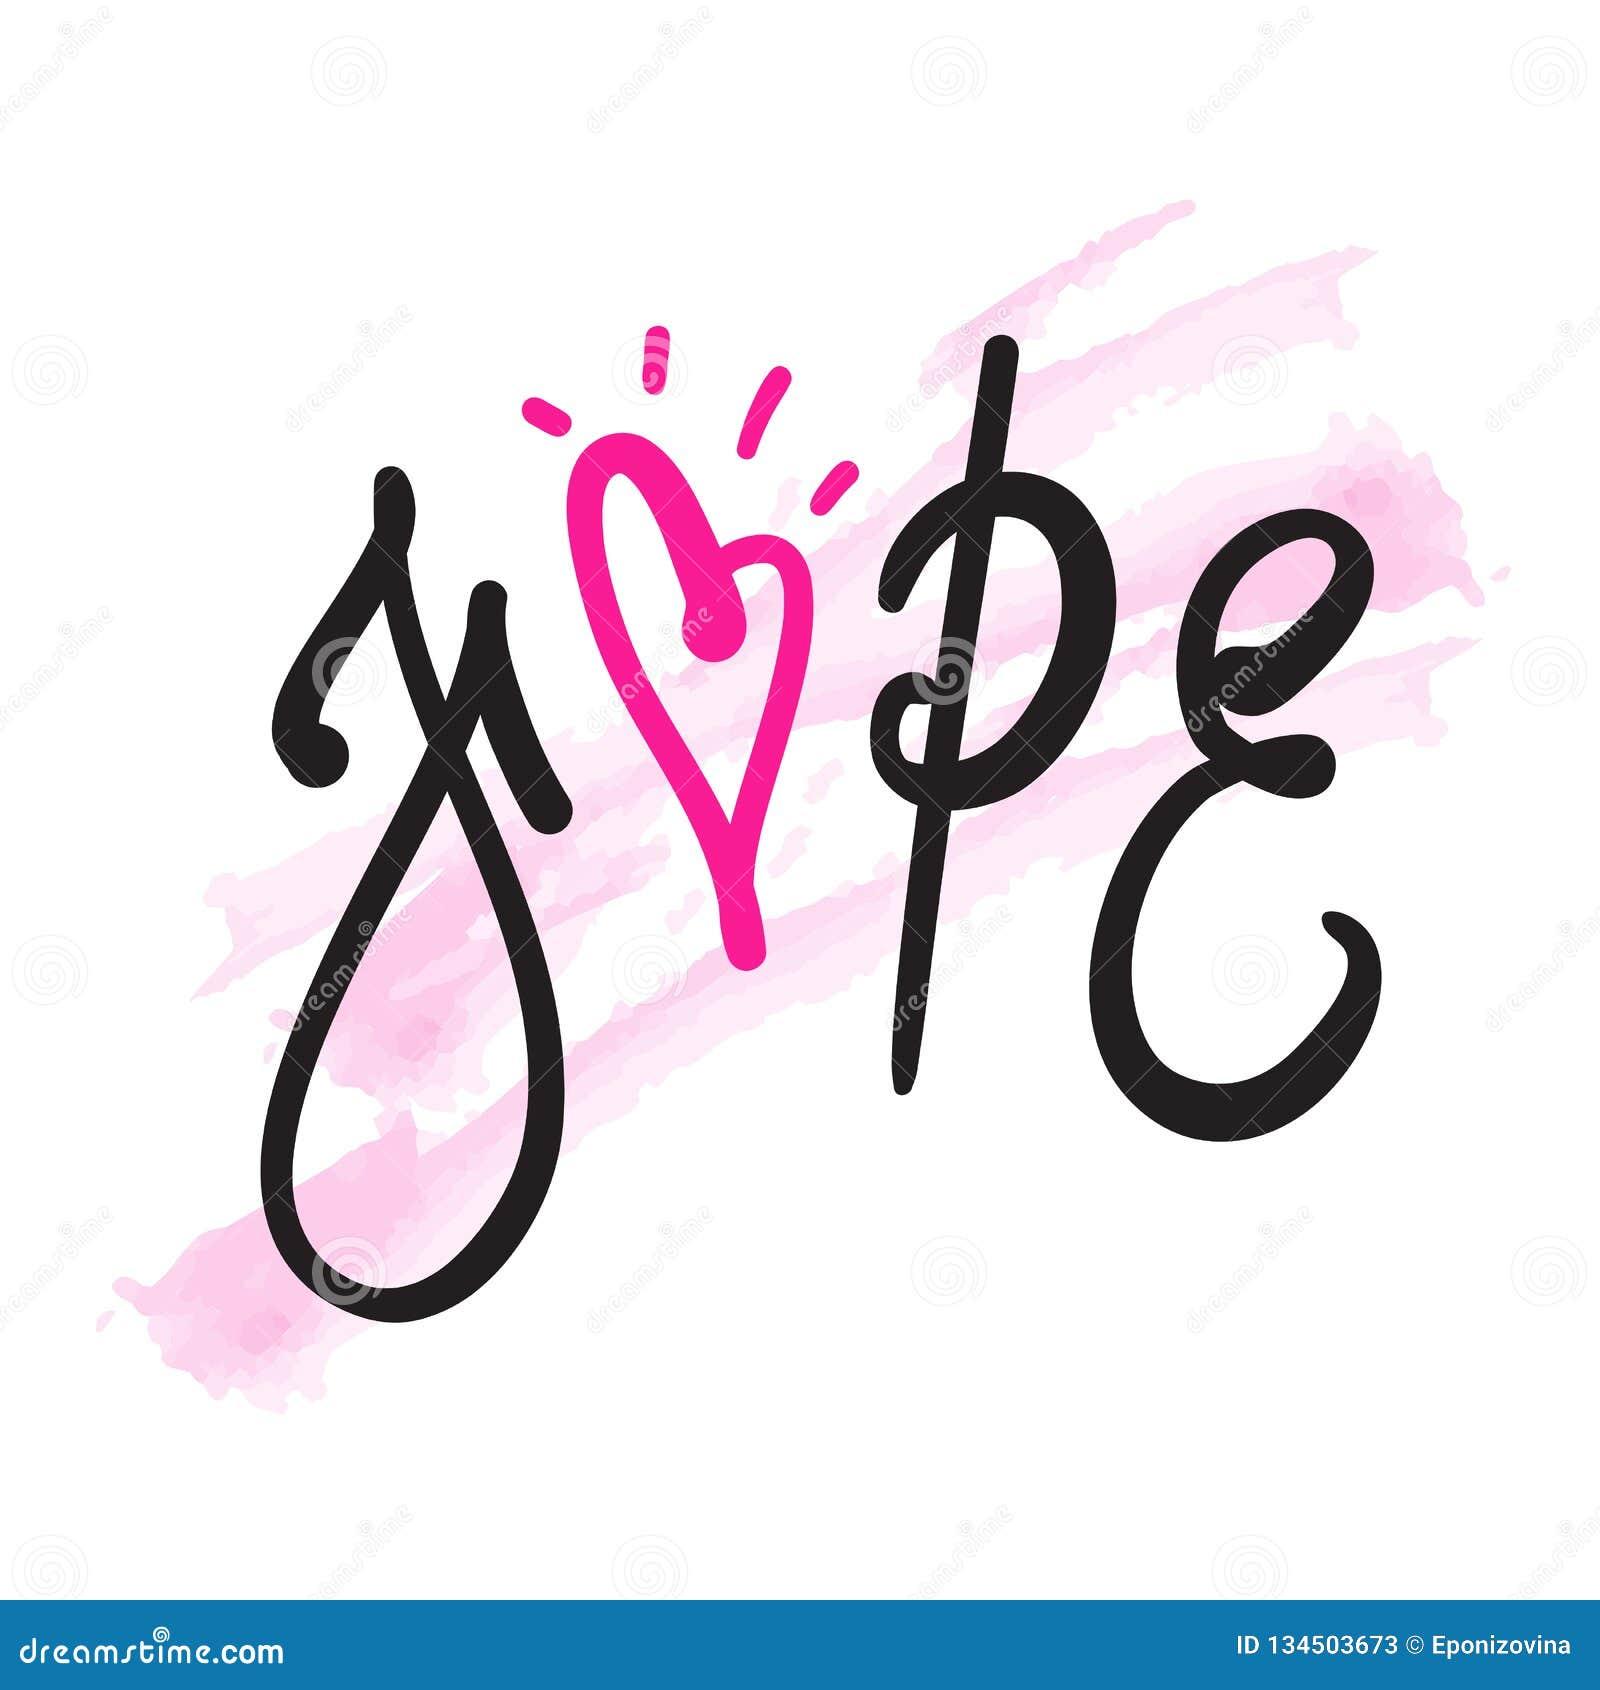 Esperança - simples inspire e citações inspiradores Rotulação bonita tirada mão Imprima para o cartaz inspirado, t-shirt, saco